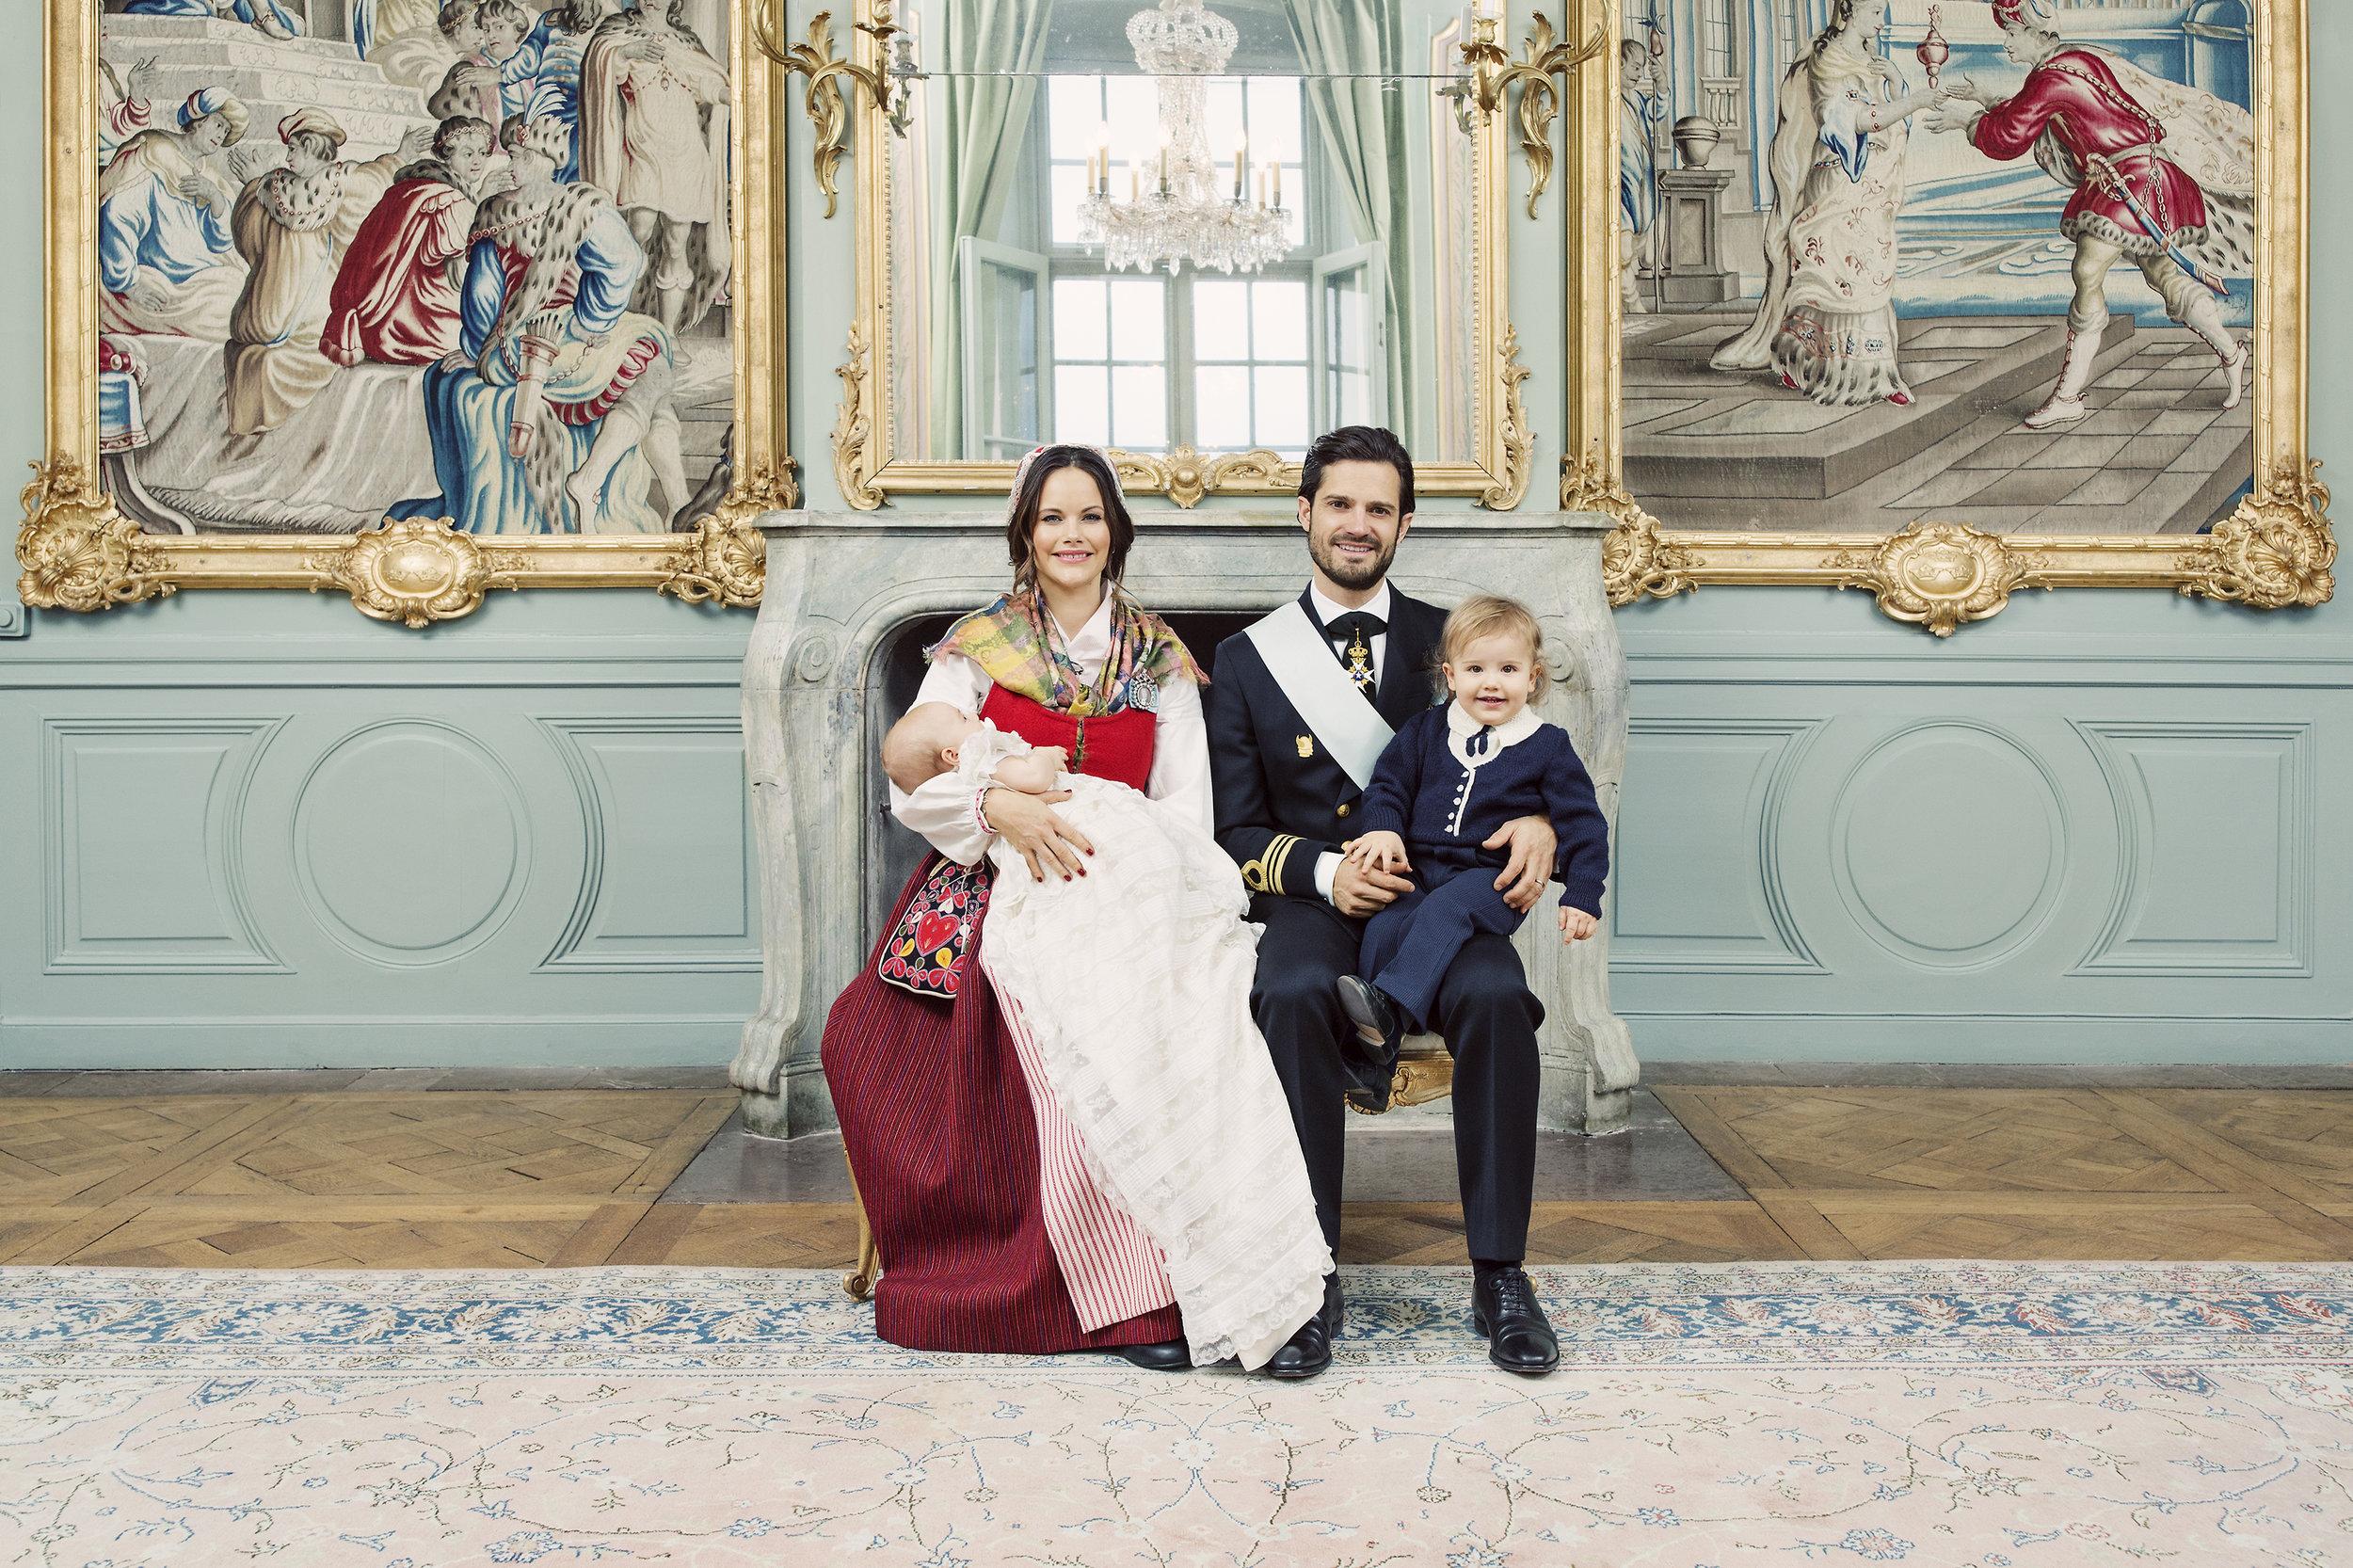 Prinz Alexander (r.) war mit dabei, als die offiziellen Tauffotos seines Bruder gemacht wurden.  ©Erika Gerdemark, Kungahuset.se